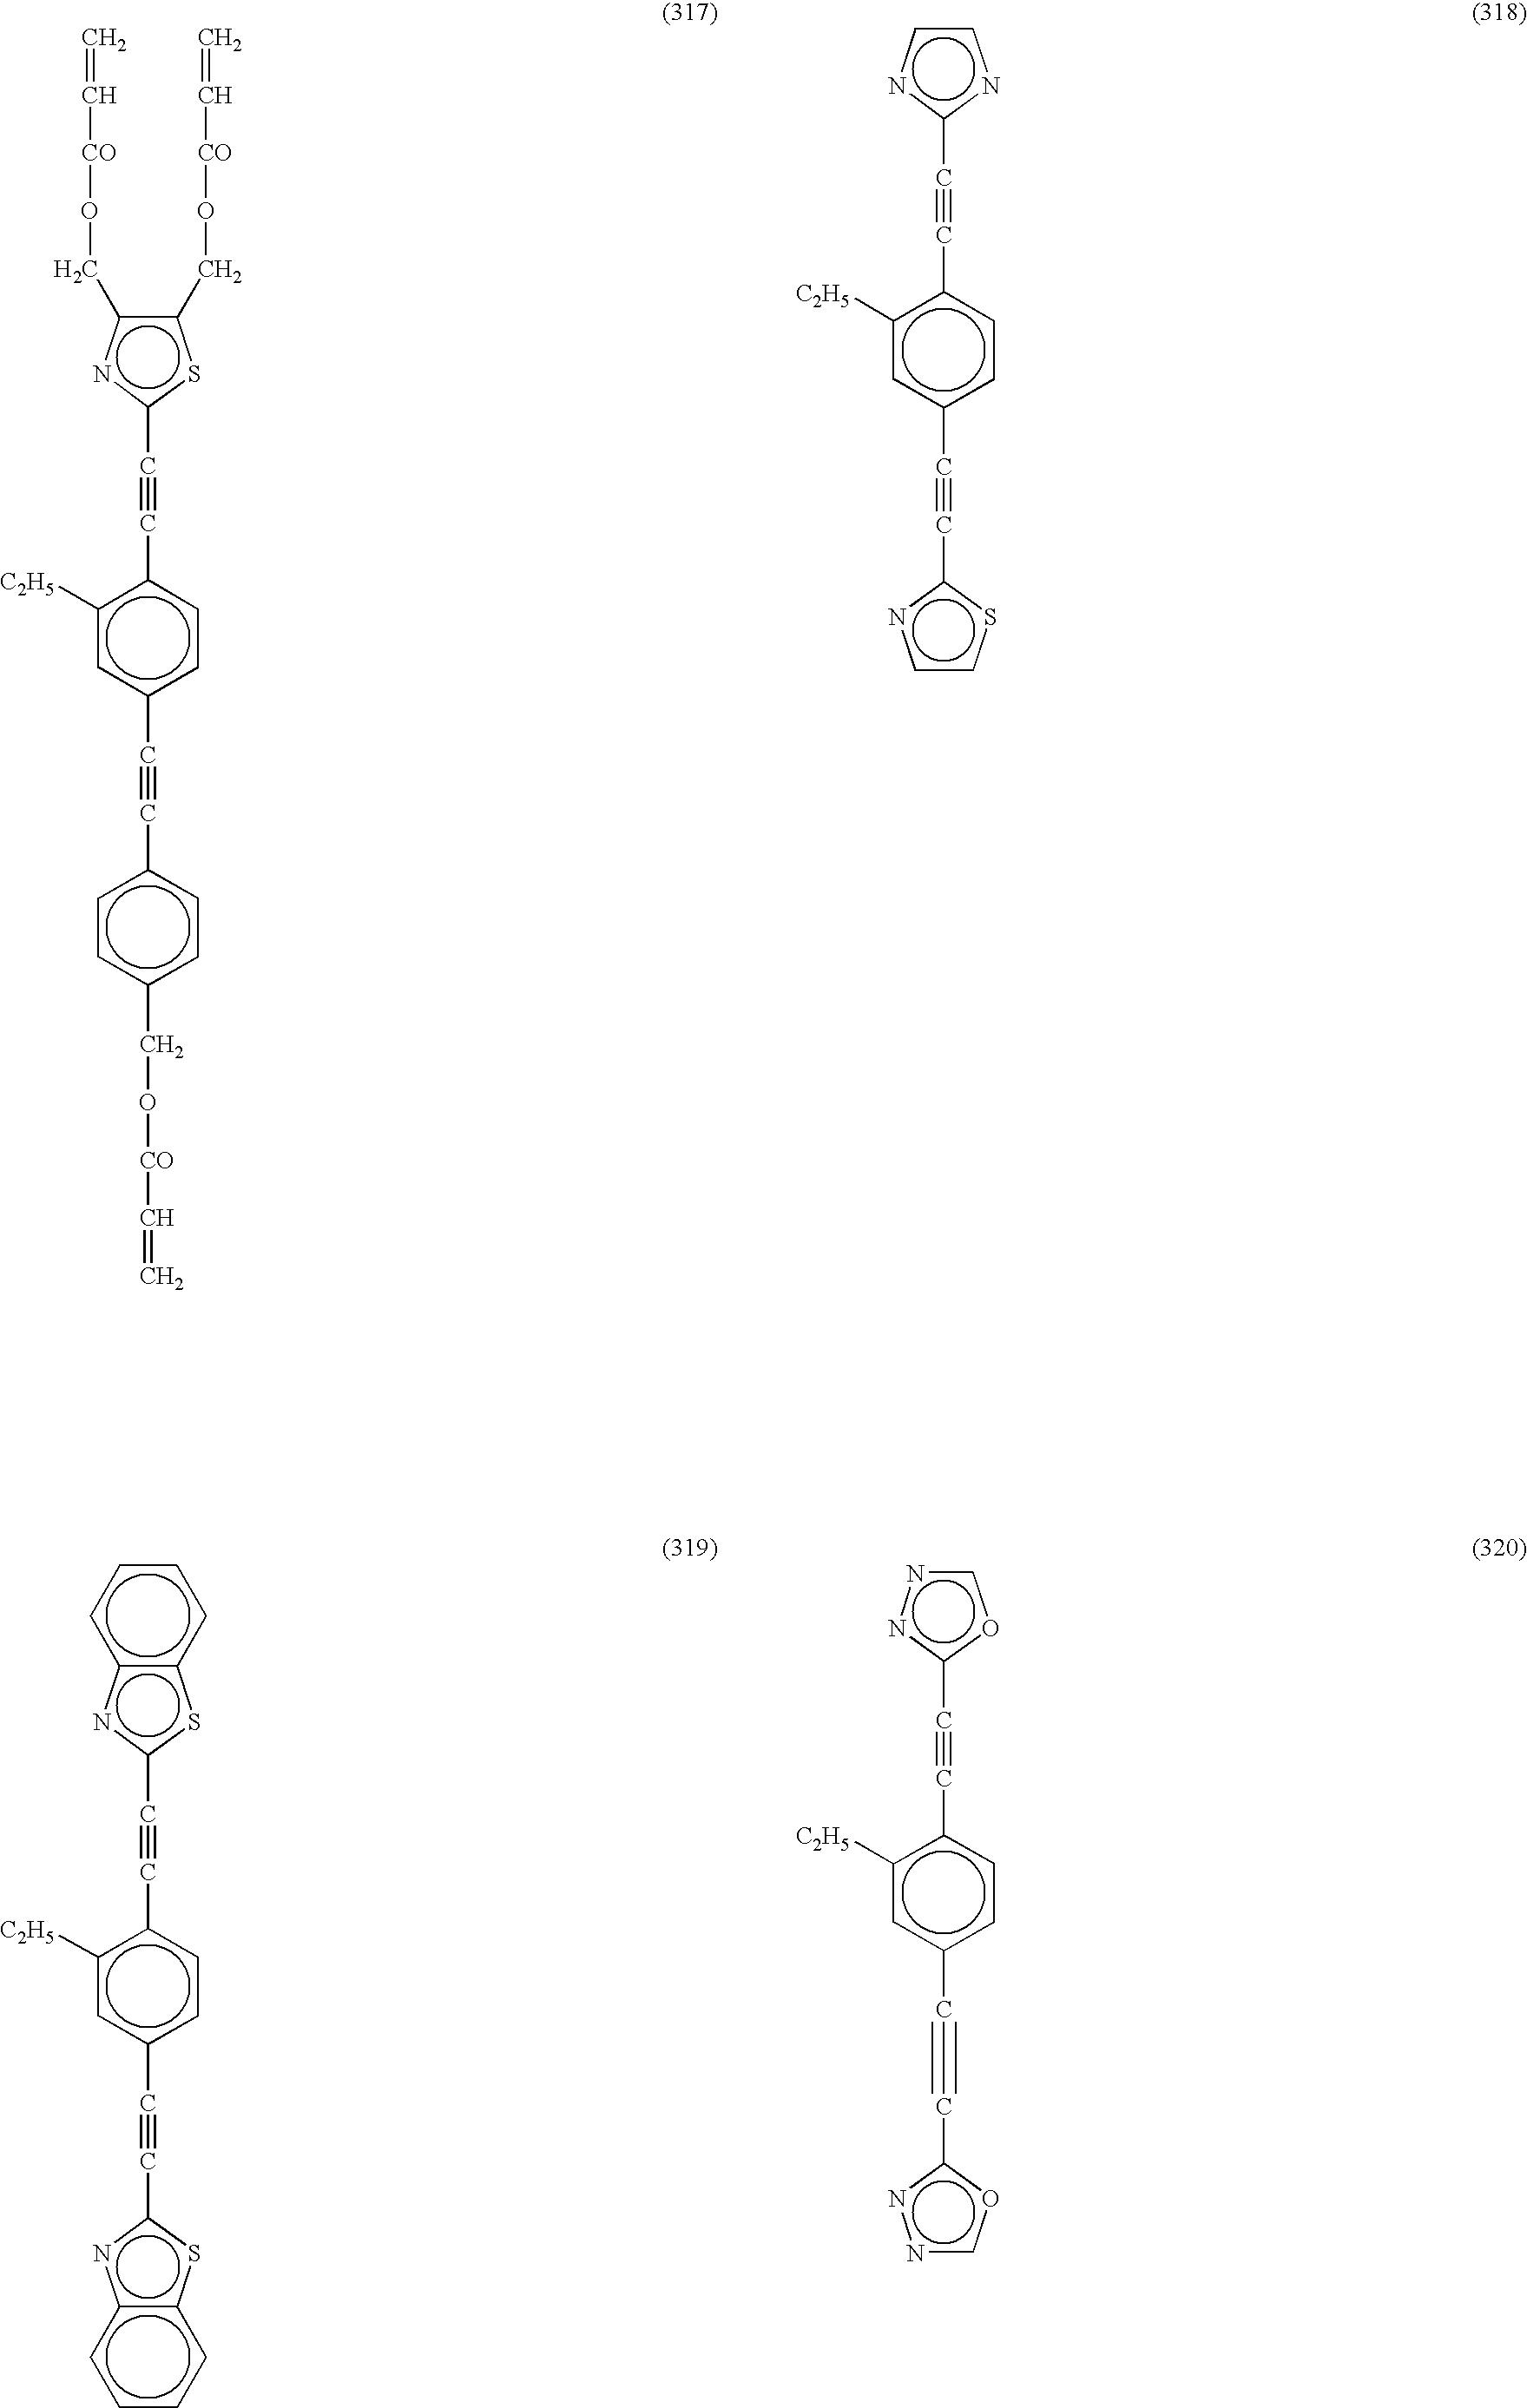 Figure US07128953-20061031-C00040